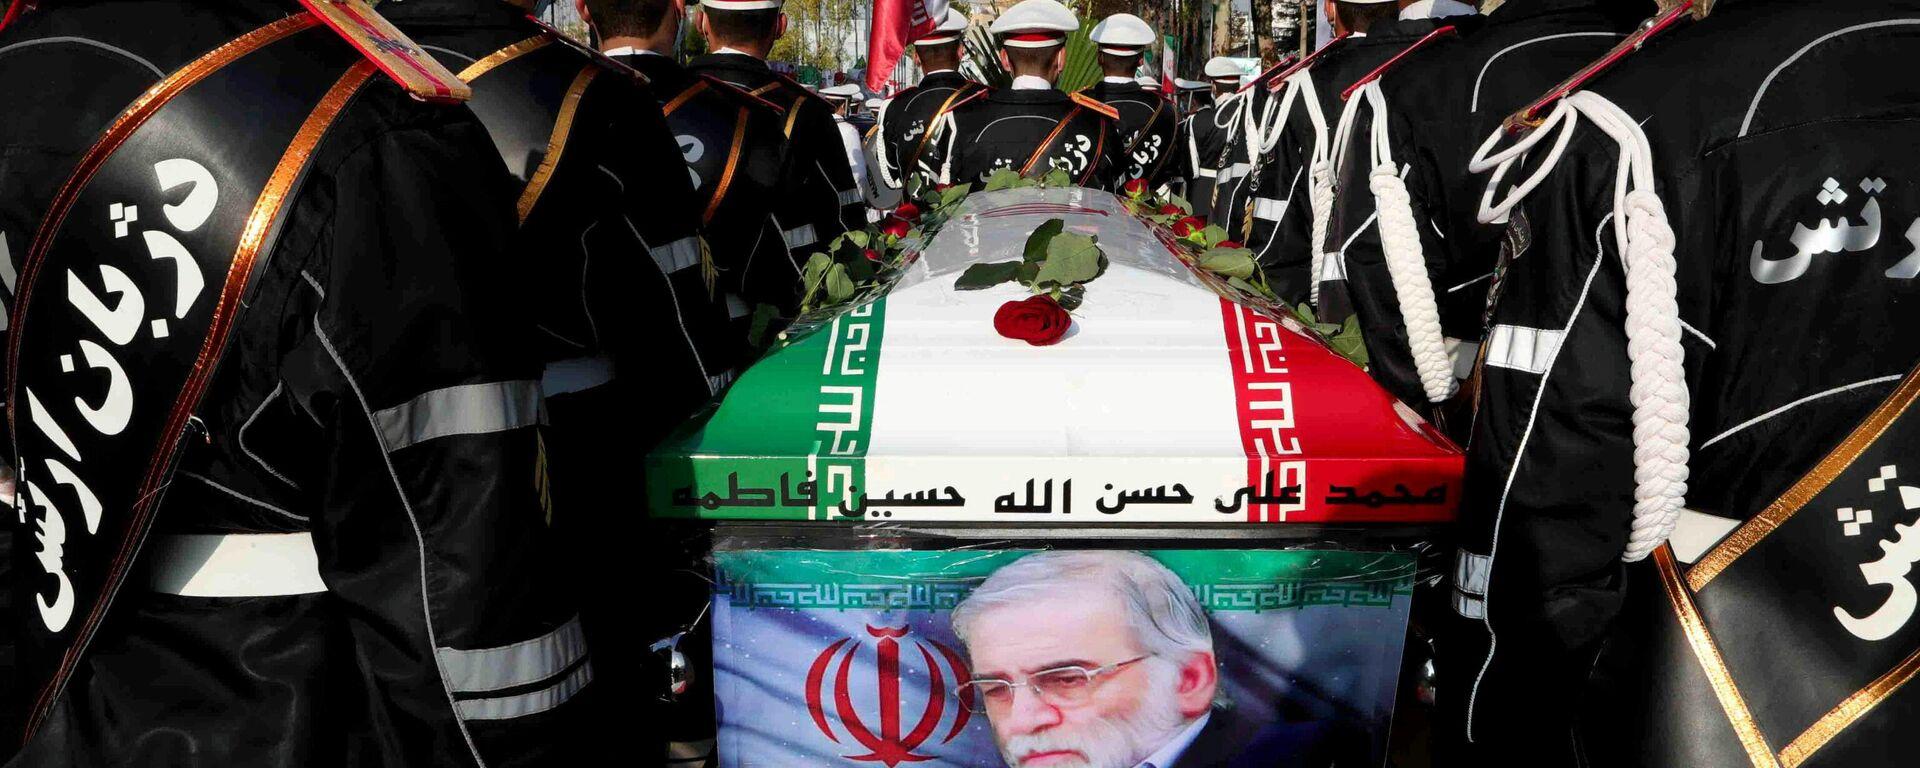 Beerdigung des iranischen Nuklearphysikers Mohsen Fakhrizadeh in Teheran am 30. November 2020 - SNA, 1920, 02.12.2020